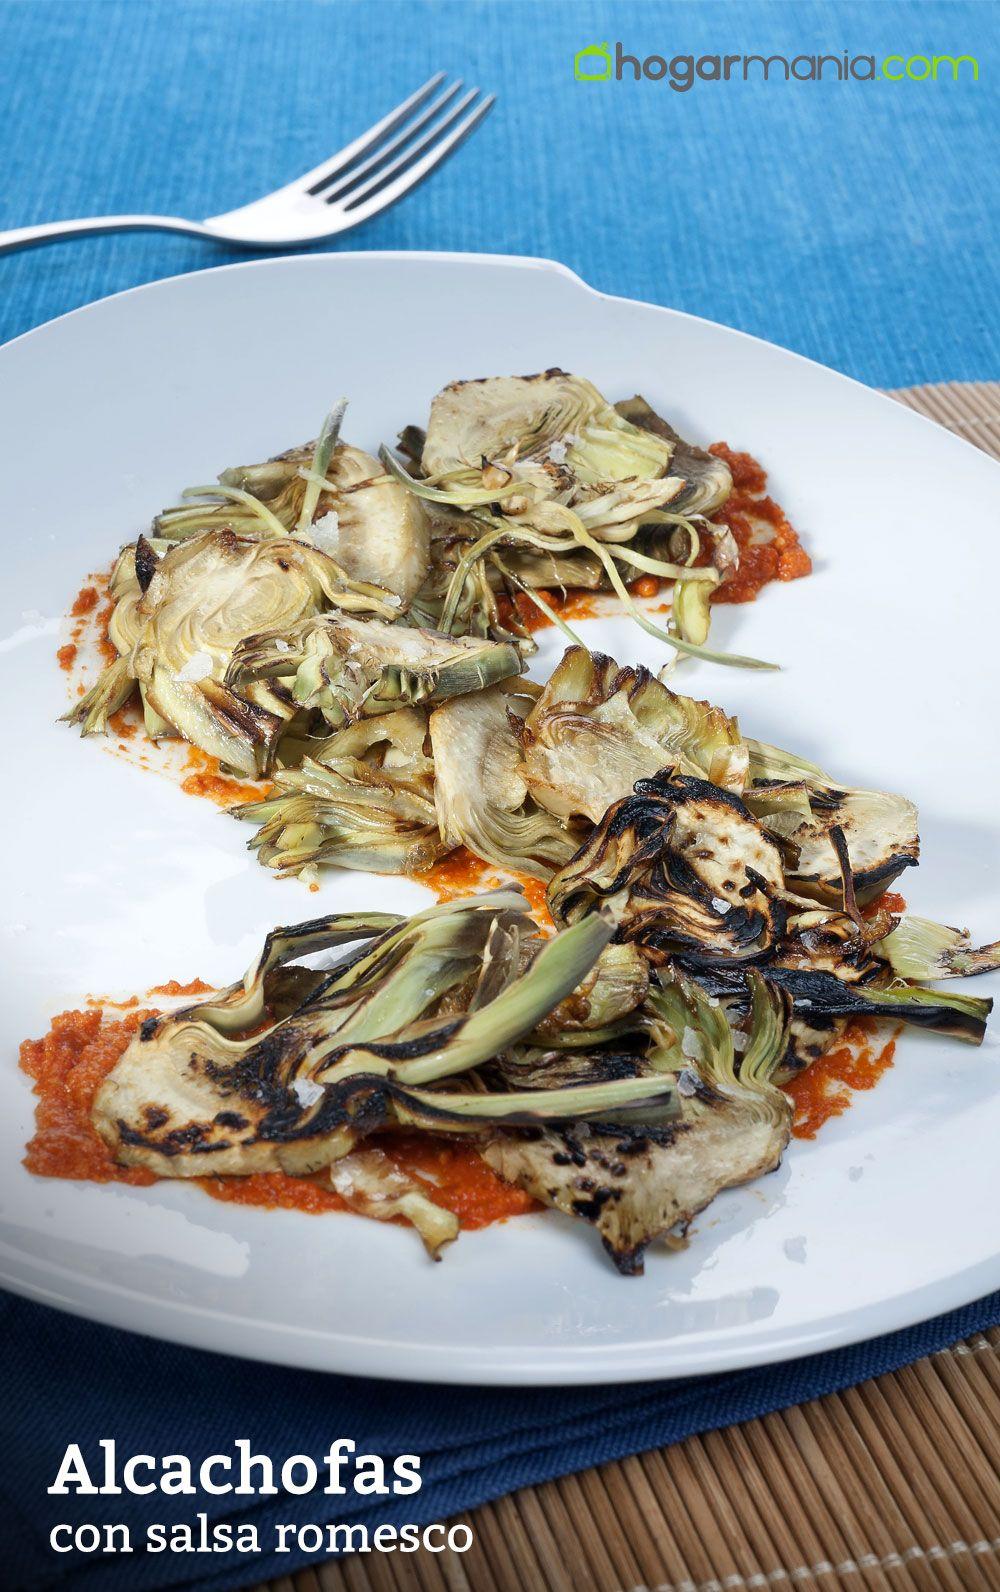 Alcachofas con salsa romesco